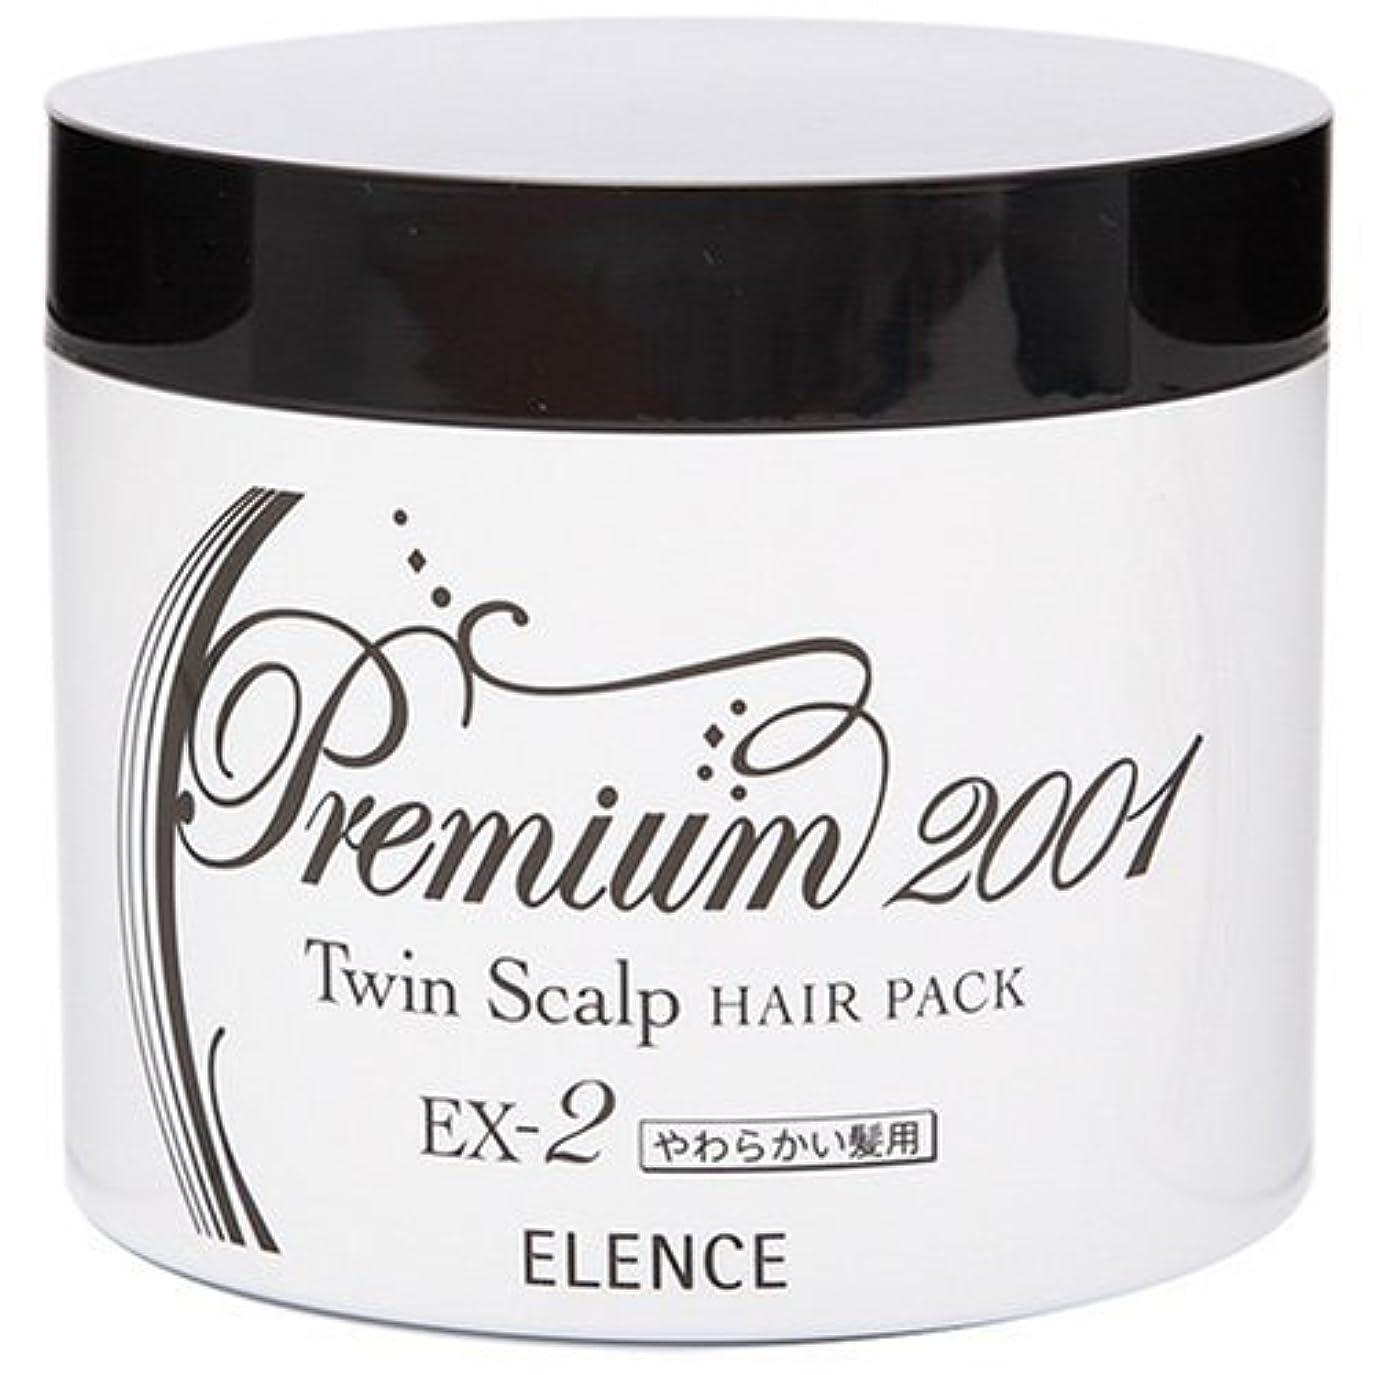 不十分顕現大量エレンス2001 ツインスキャルプヘアパックEX-2(やわらかい髪用)